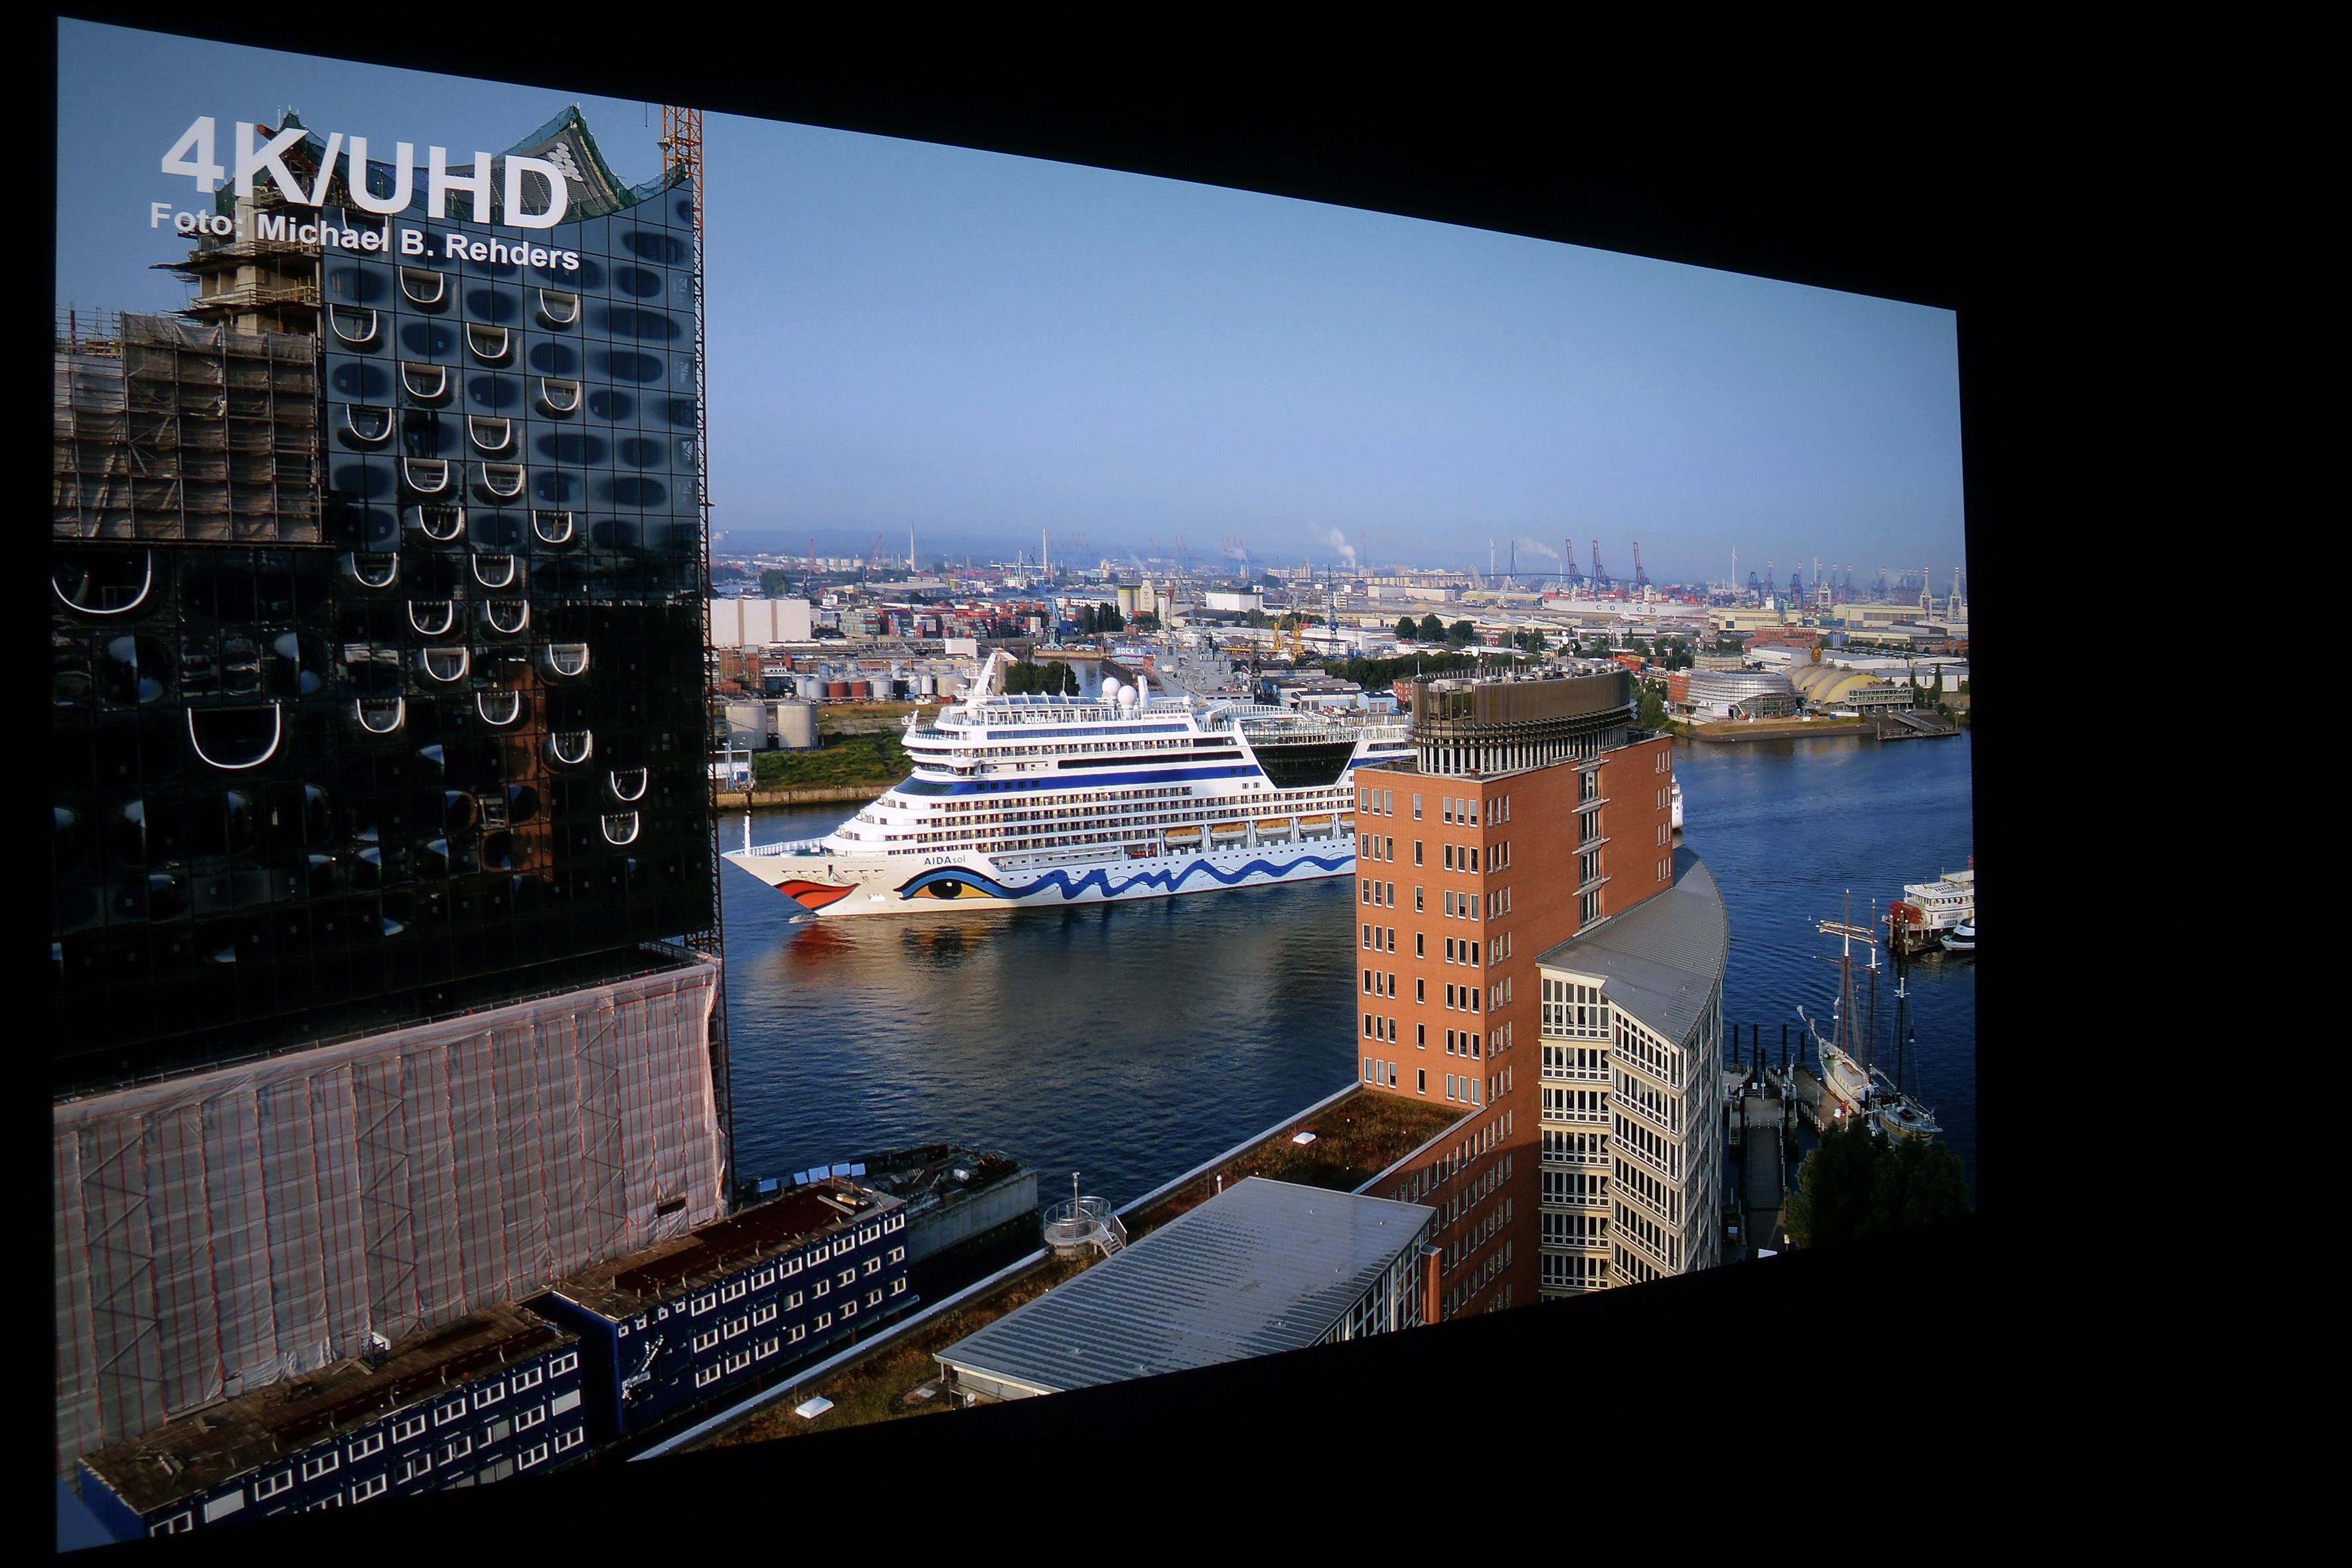 Foto: Michael B. Rehders (Originalaufnahme) 4K/UHD-Aufnahme: Dieses Bildwerk vom Hamburger Hafen liegt in 3840 x 2160 Pixel vor.